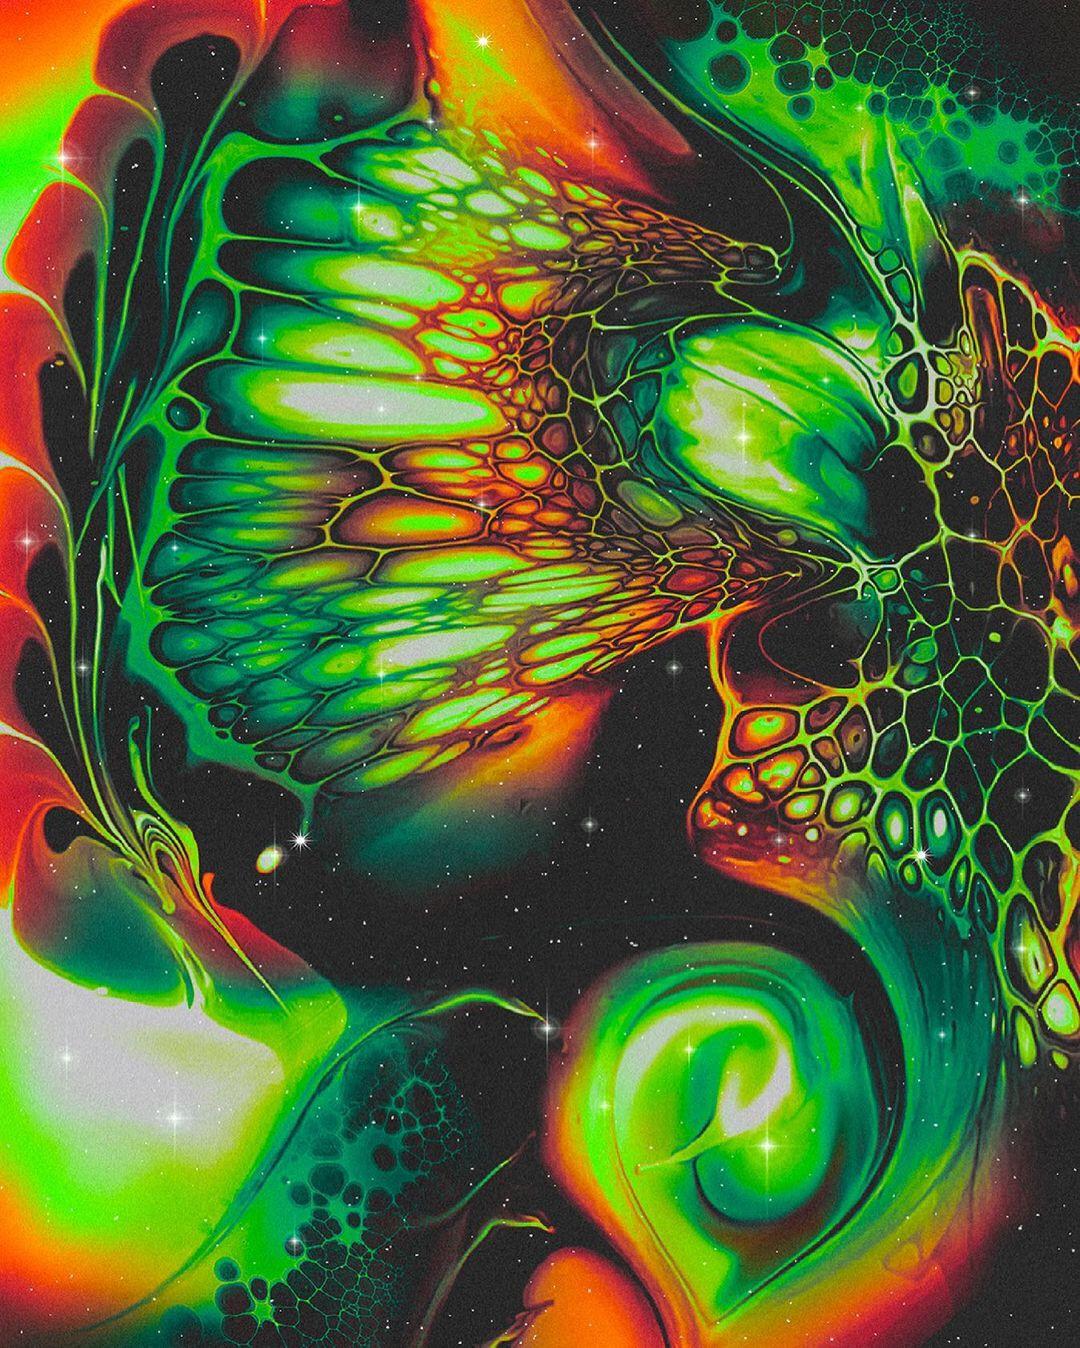 Красочная абстрактная графика от Алисии Рейно